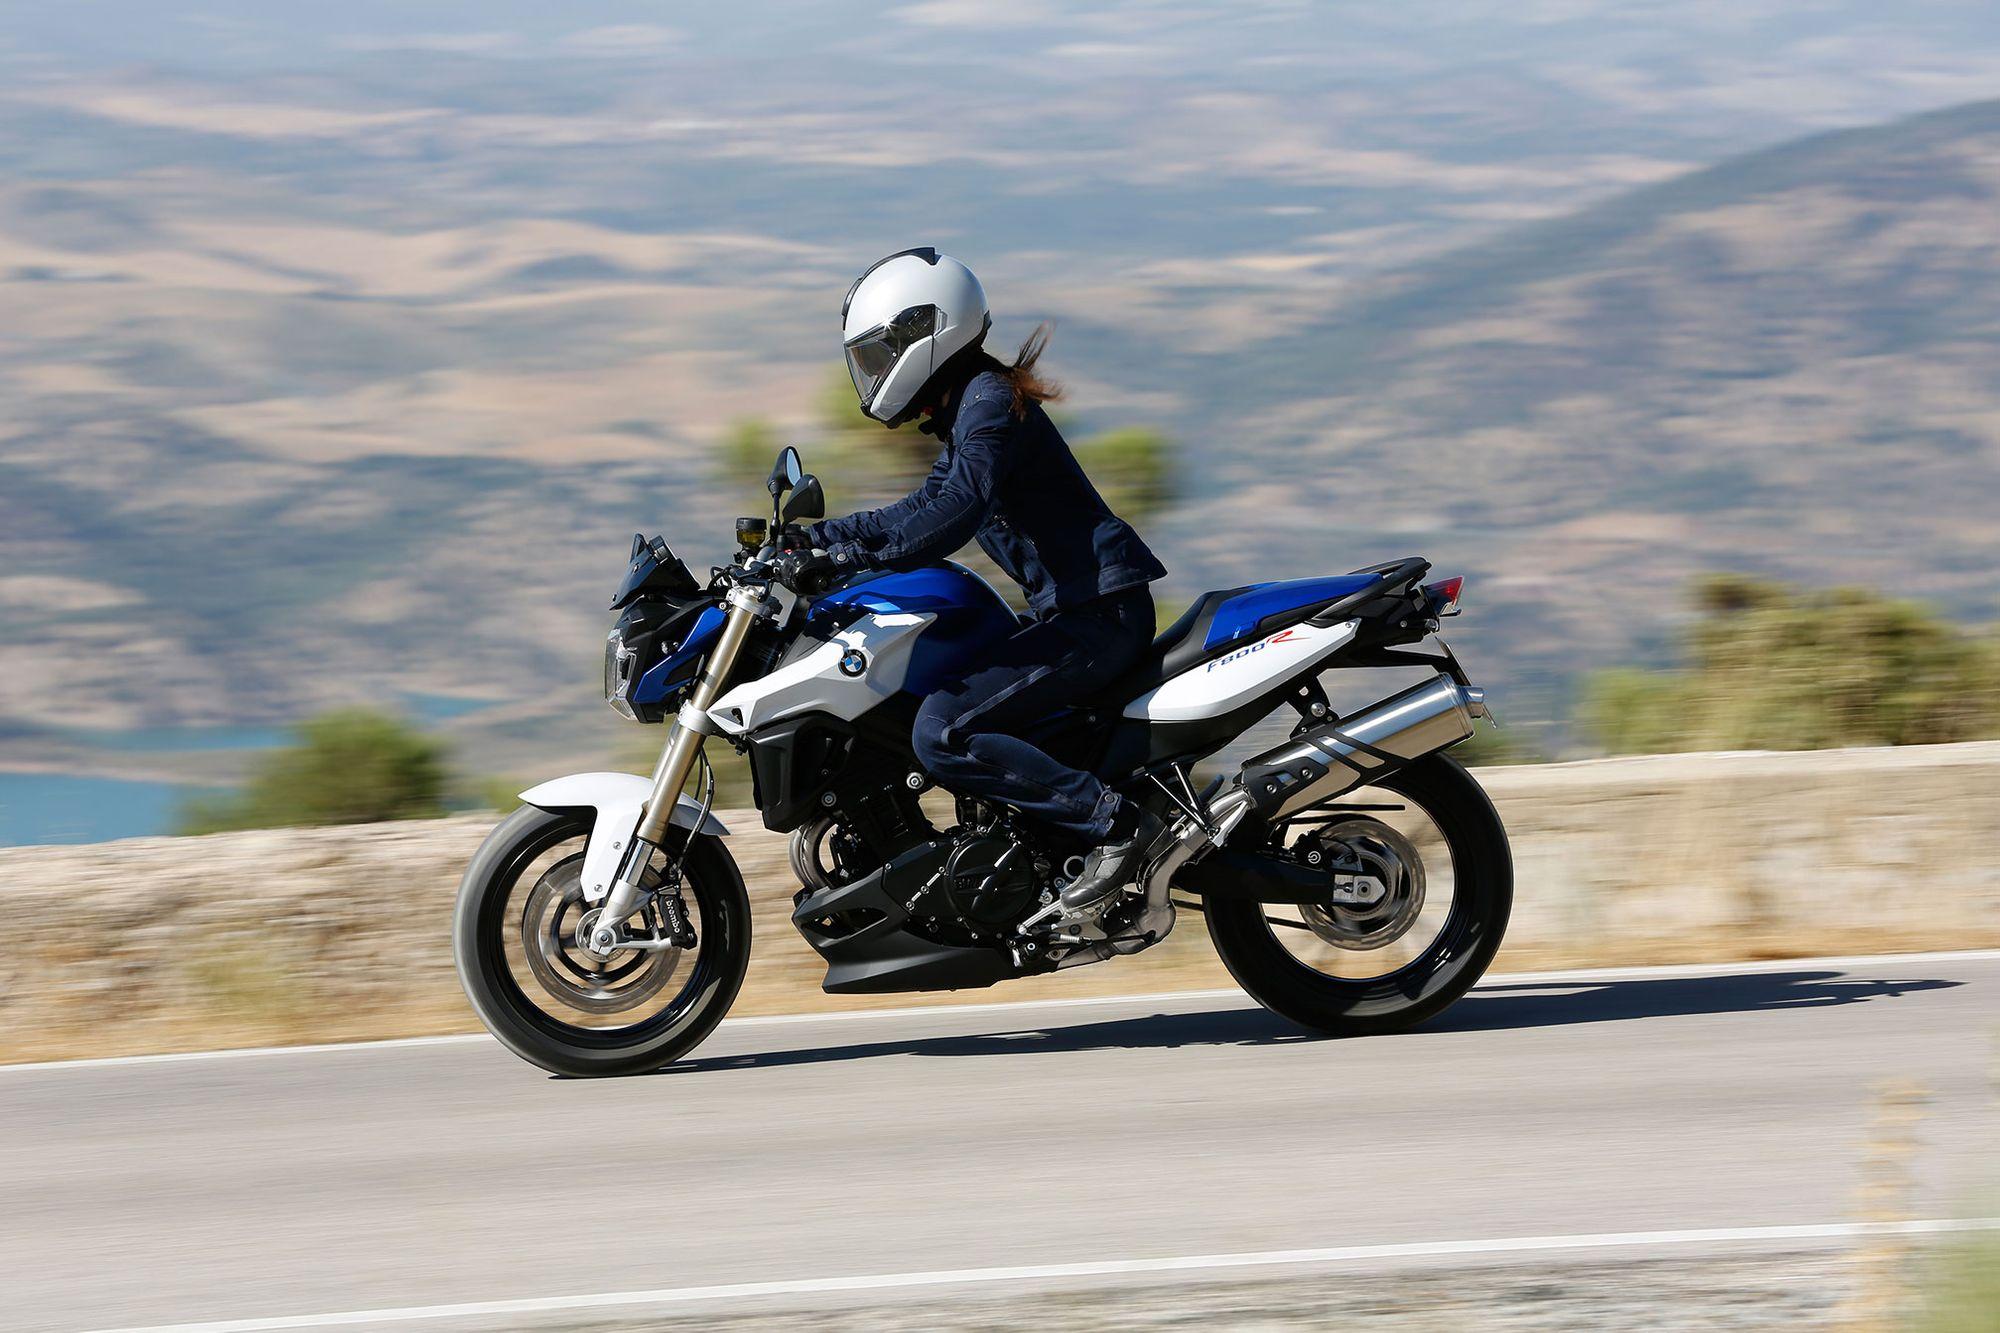 2011 BMW F800R Comparison Review